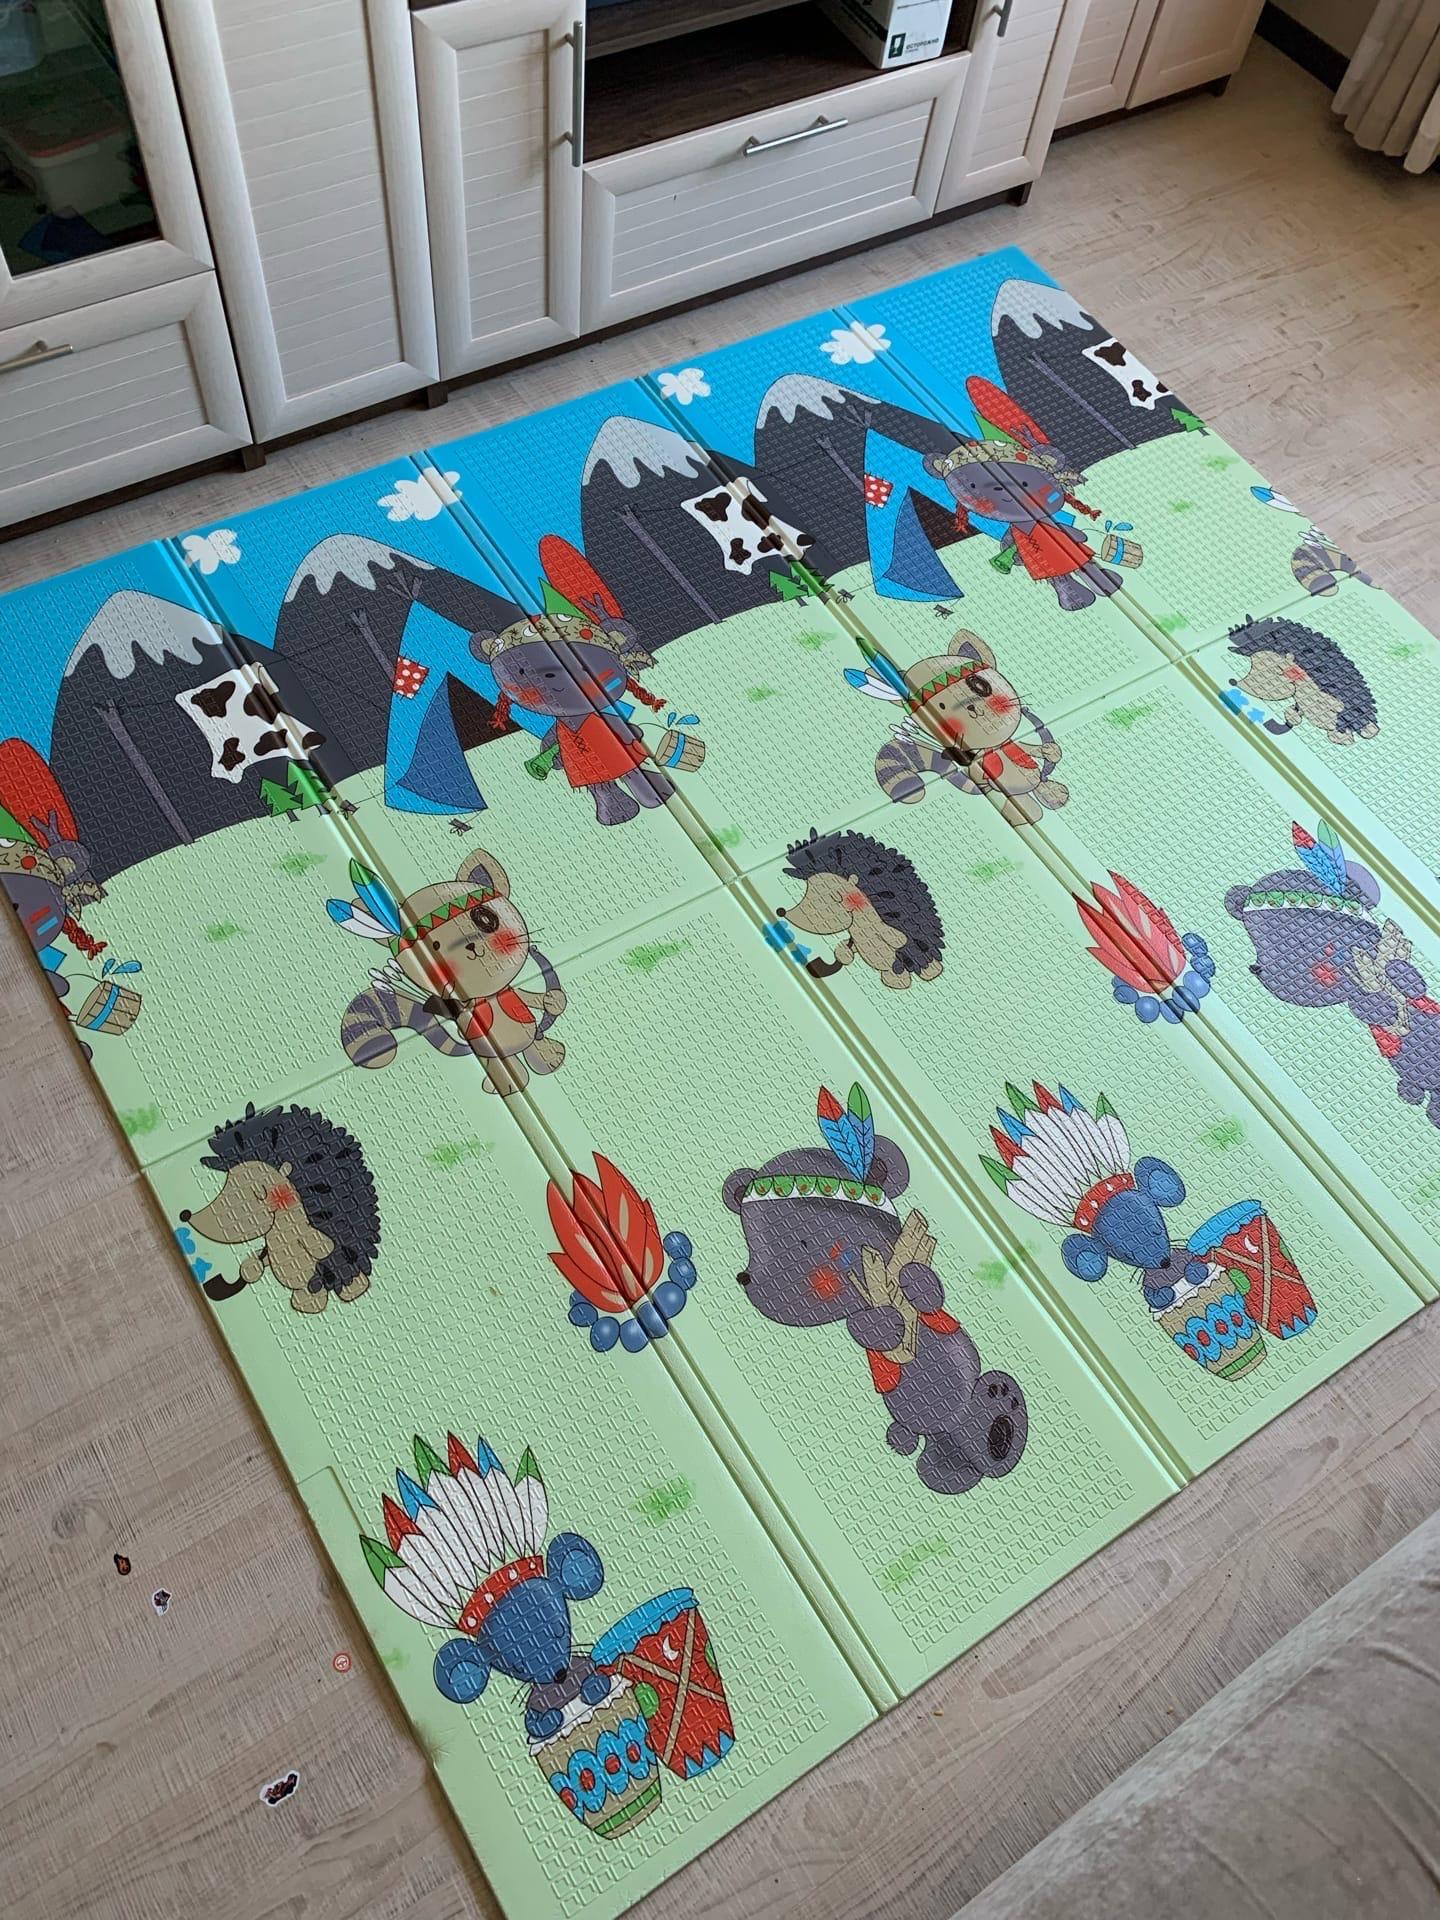 Складной коврик XPE «Индейцы и паровозик» Размер 200x180x1 см